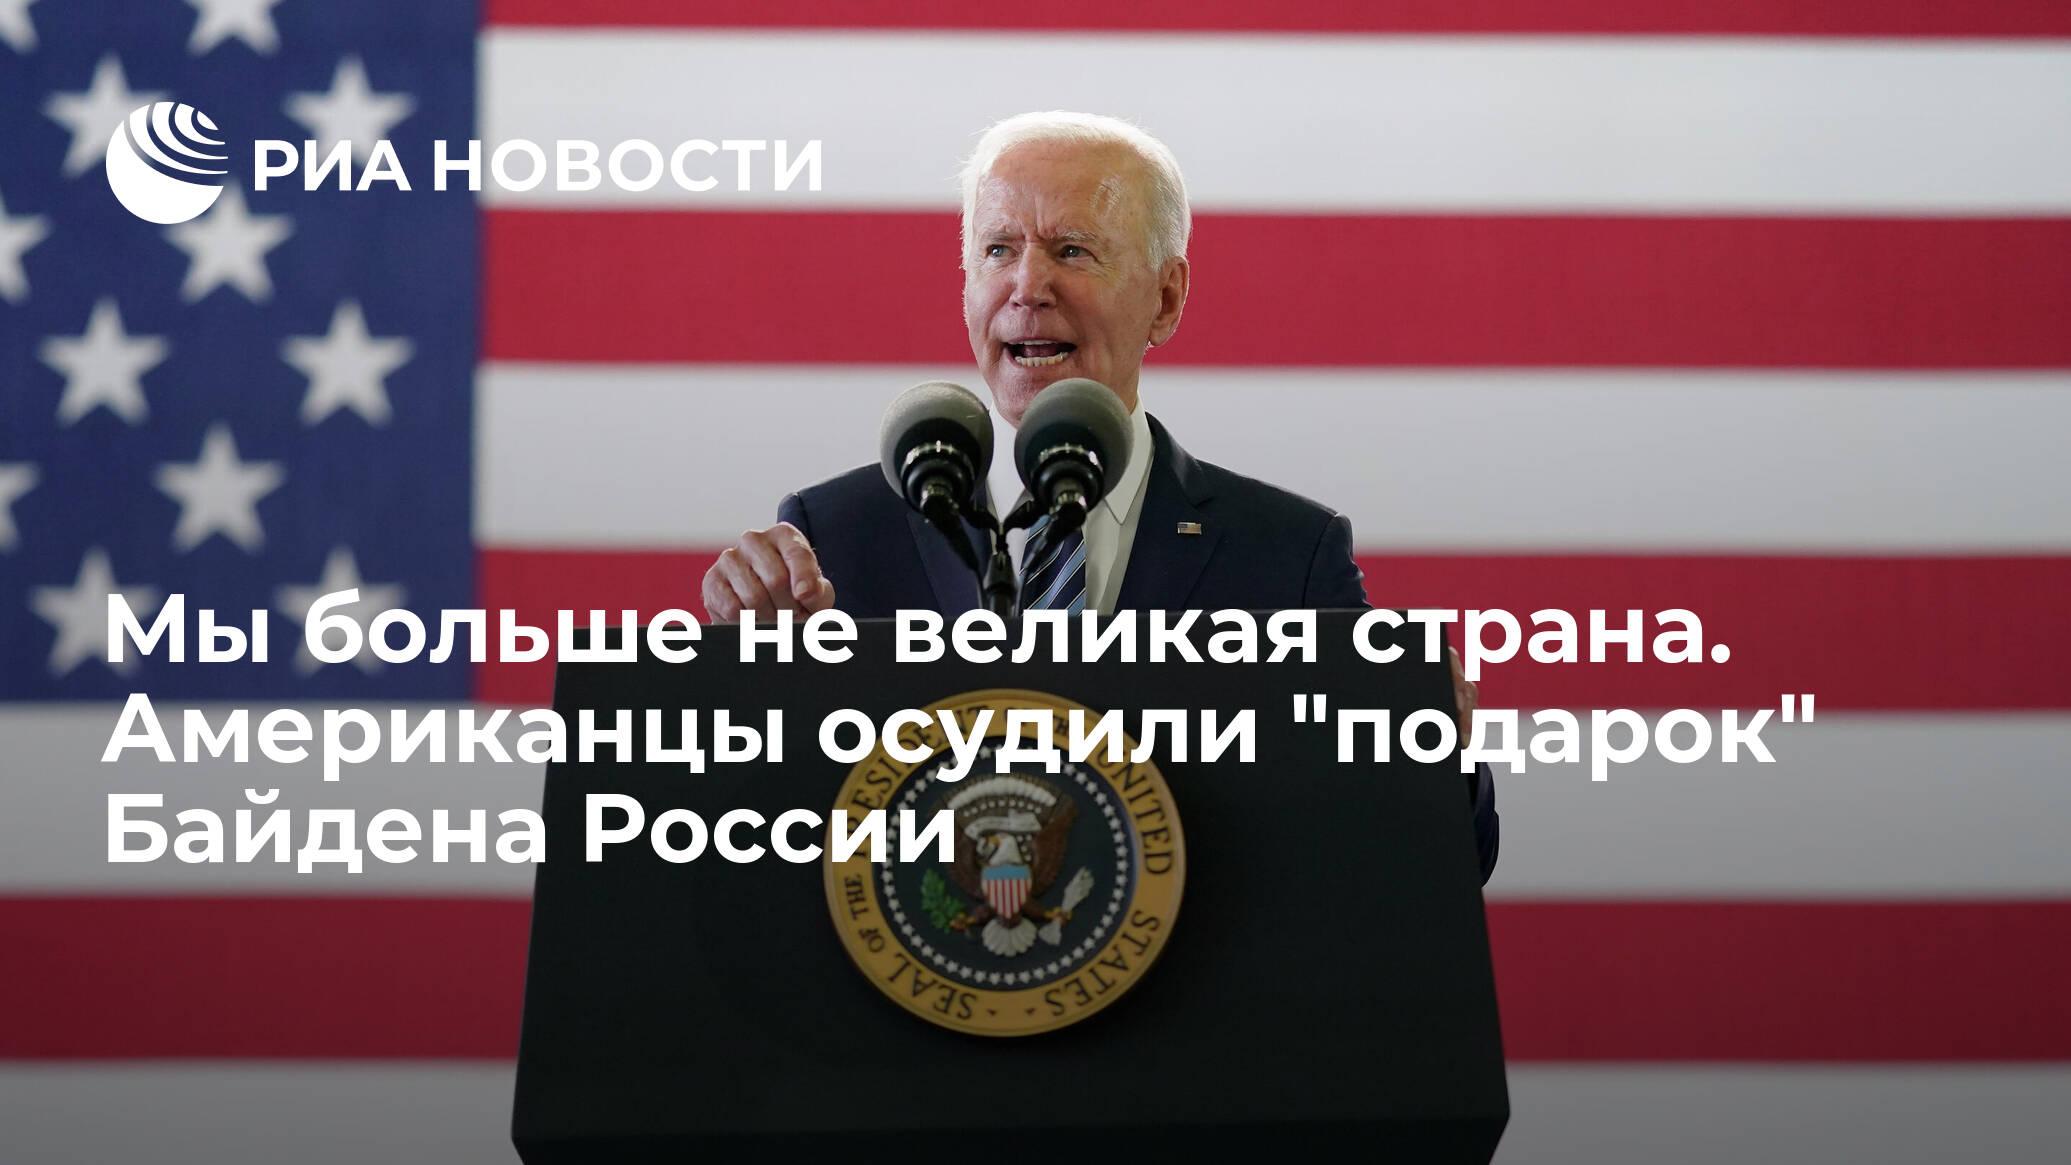 """Мы больше не великая страна. Американцы осудили """"подарок"""" Байдена России"""